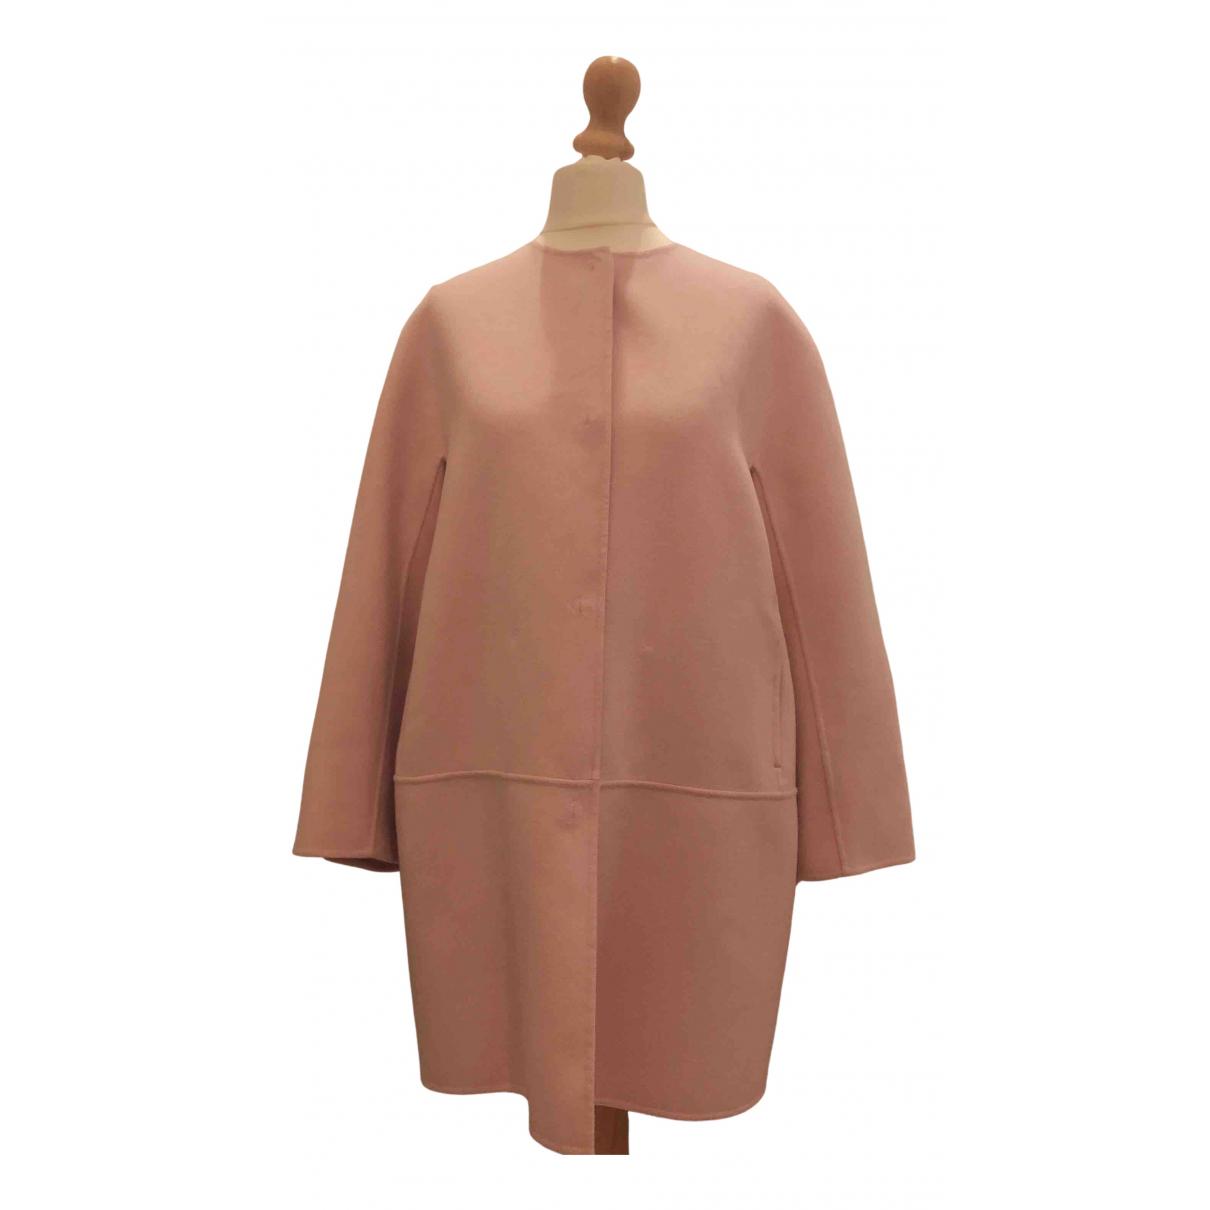 Max Mara Studio - Manteau   pour femme en laine - rose